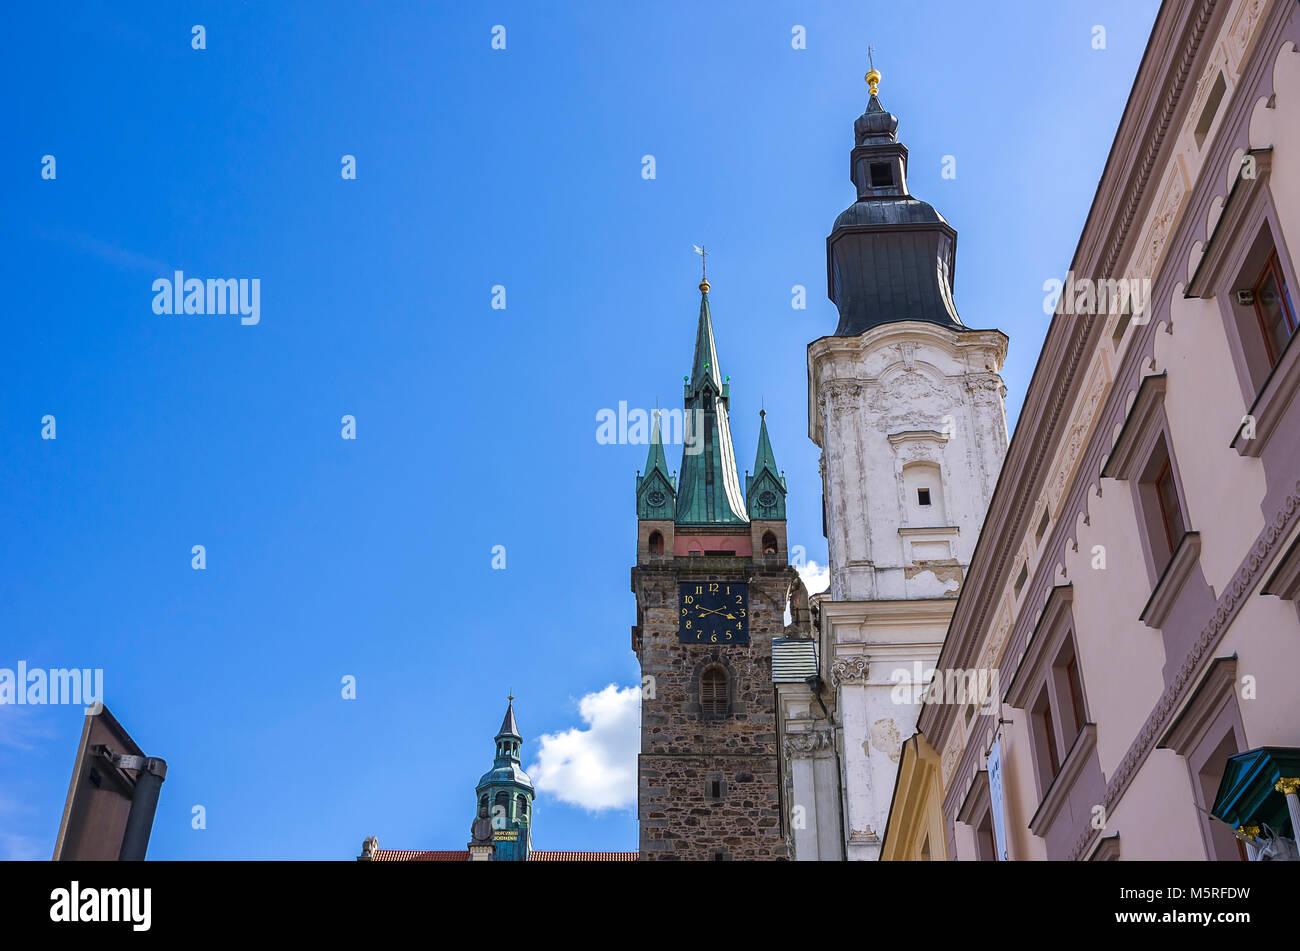 Klatovy, Tschechien - Türme und Zinnen und Türmchen von Alten Rathaus, Schwarzen Turm und Jesuitenkirche. Stockbild